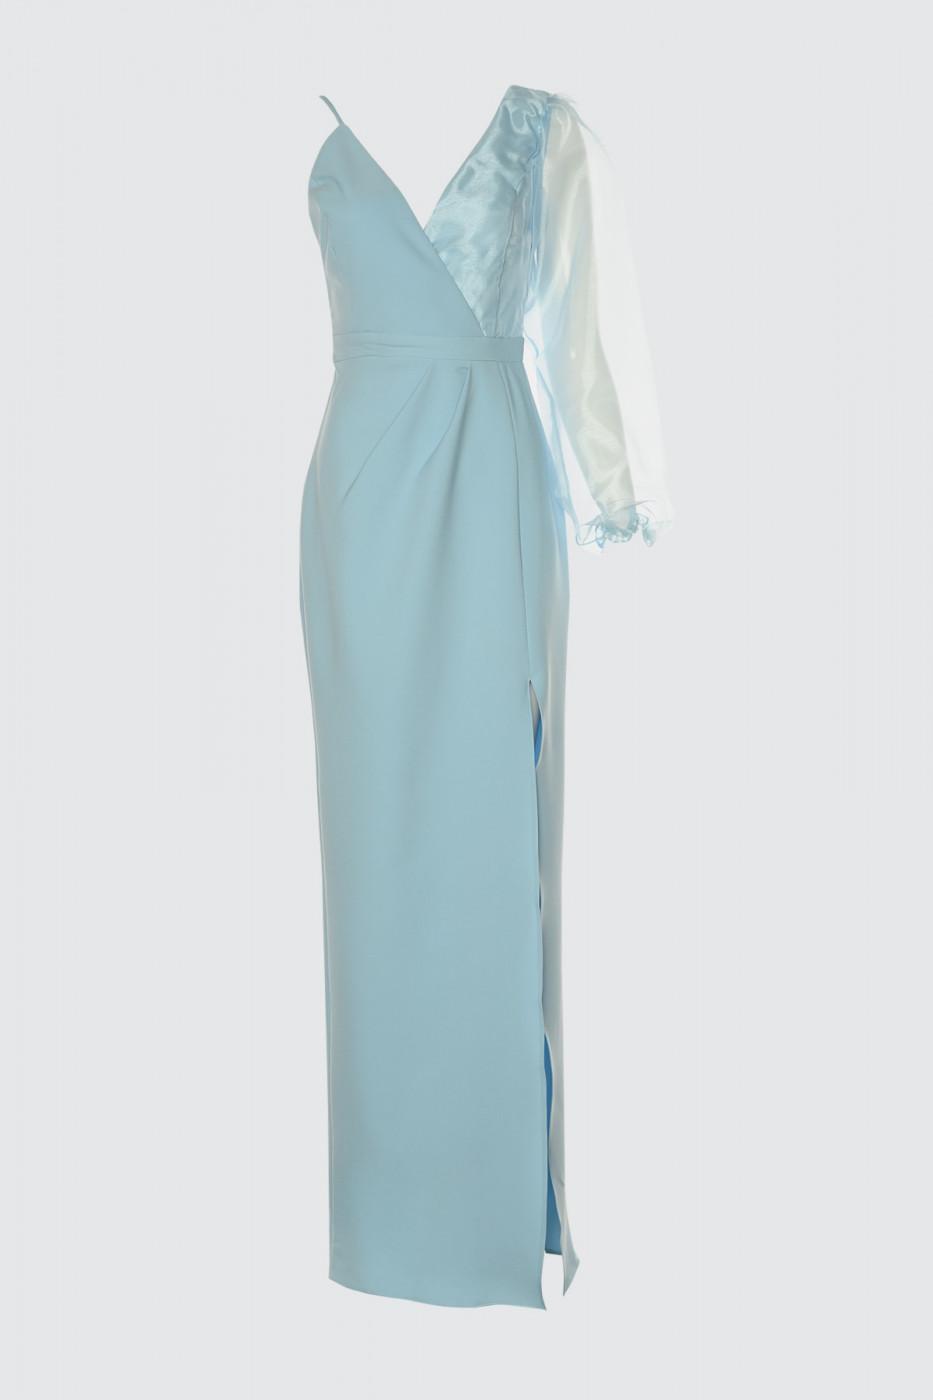 Trendyol Blue Arm Organze Detailed Evening Dress & Graduation Dress